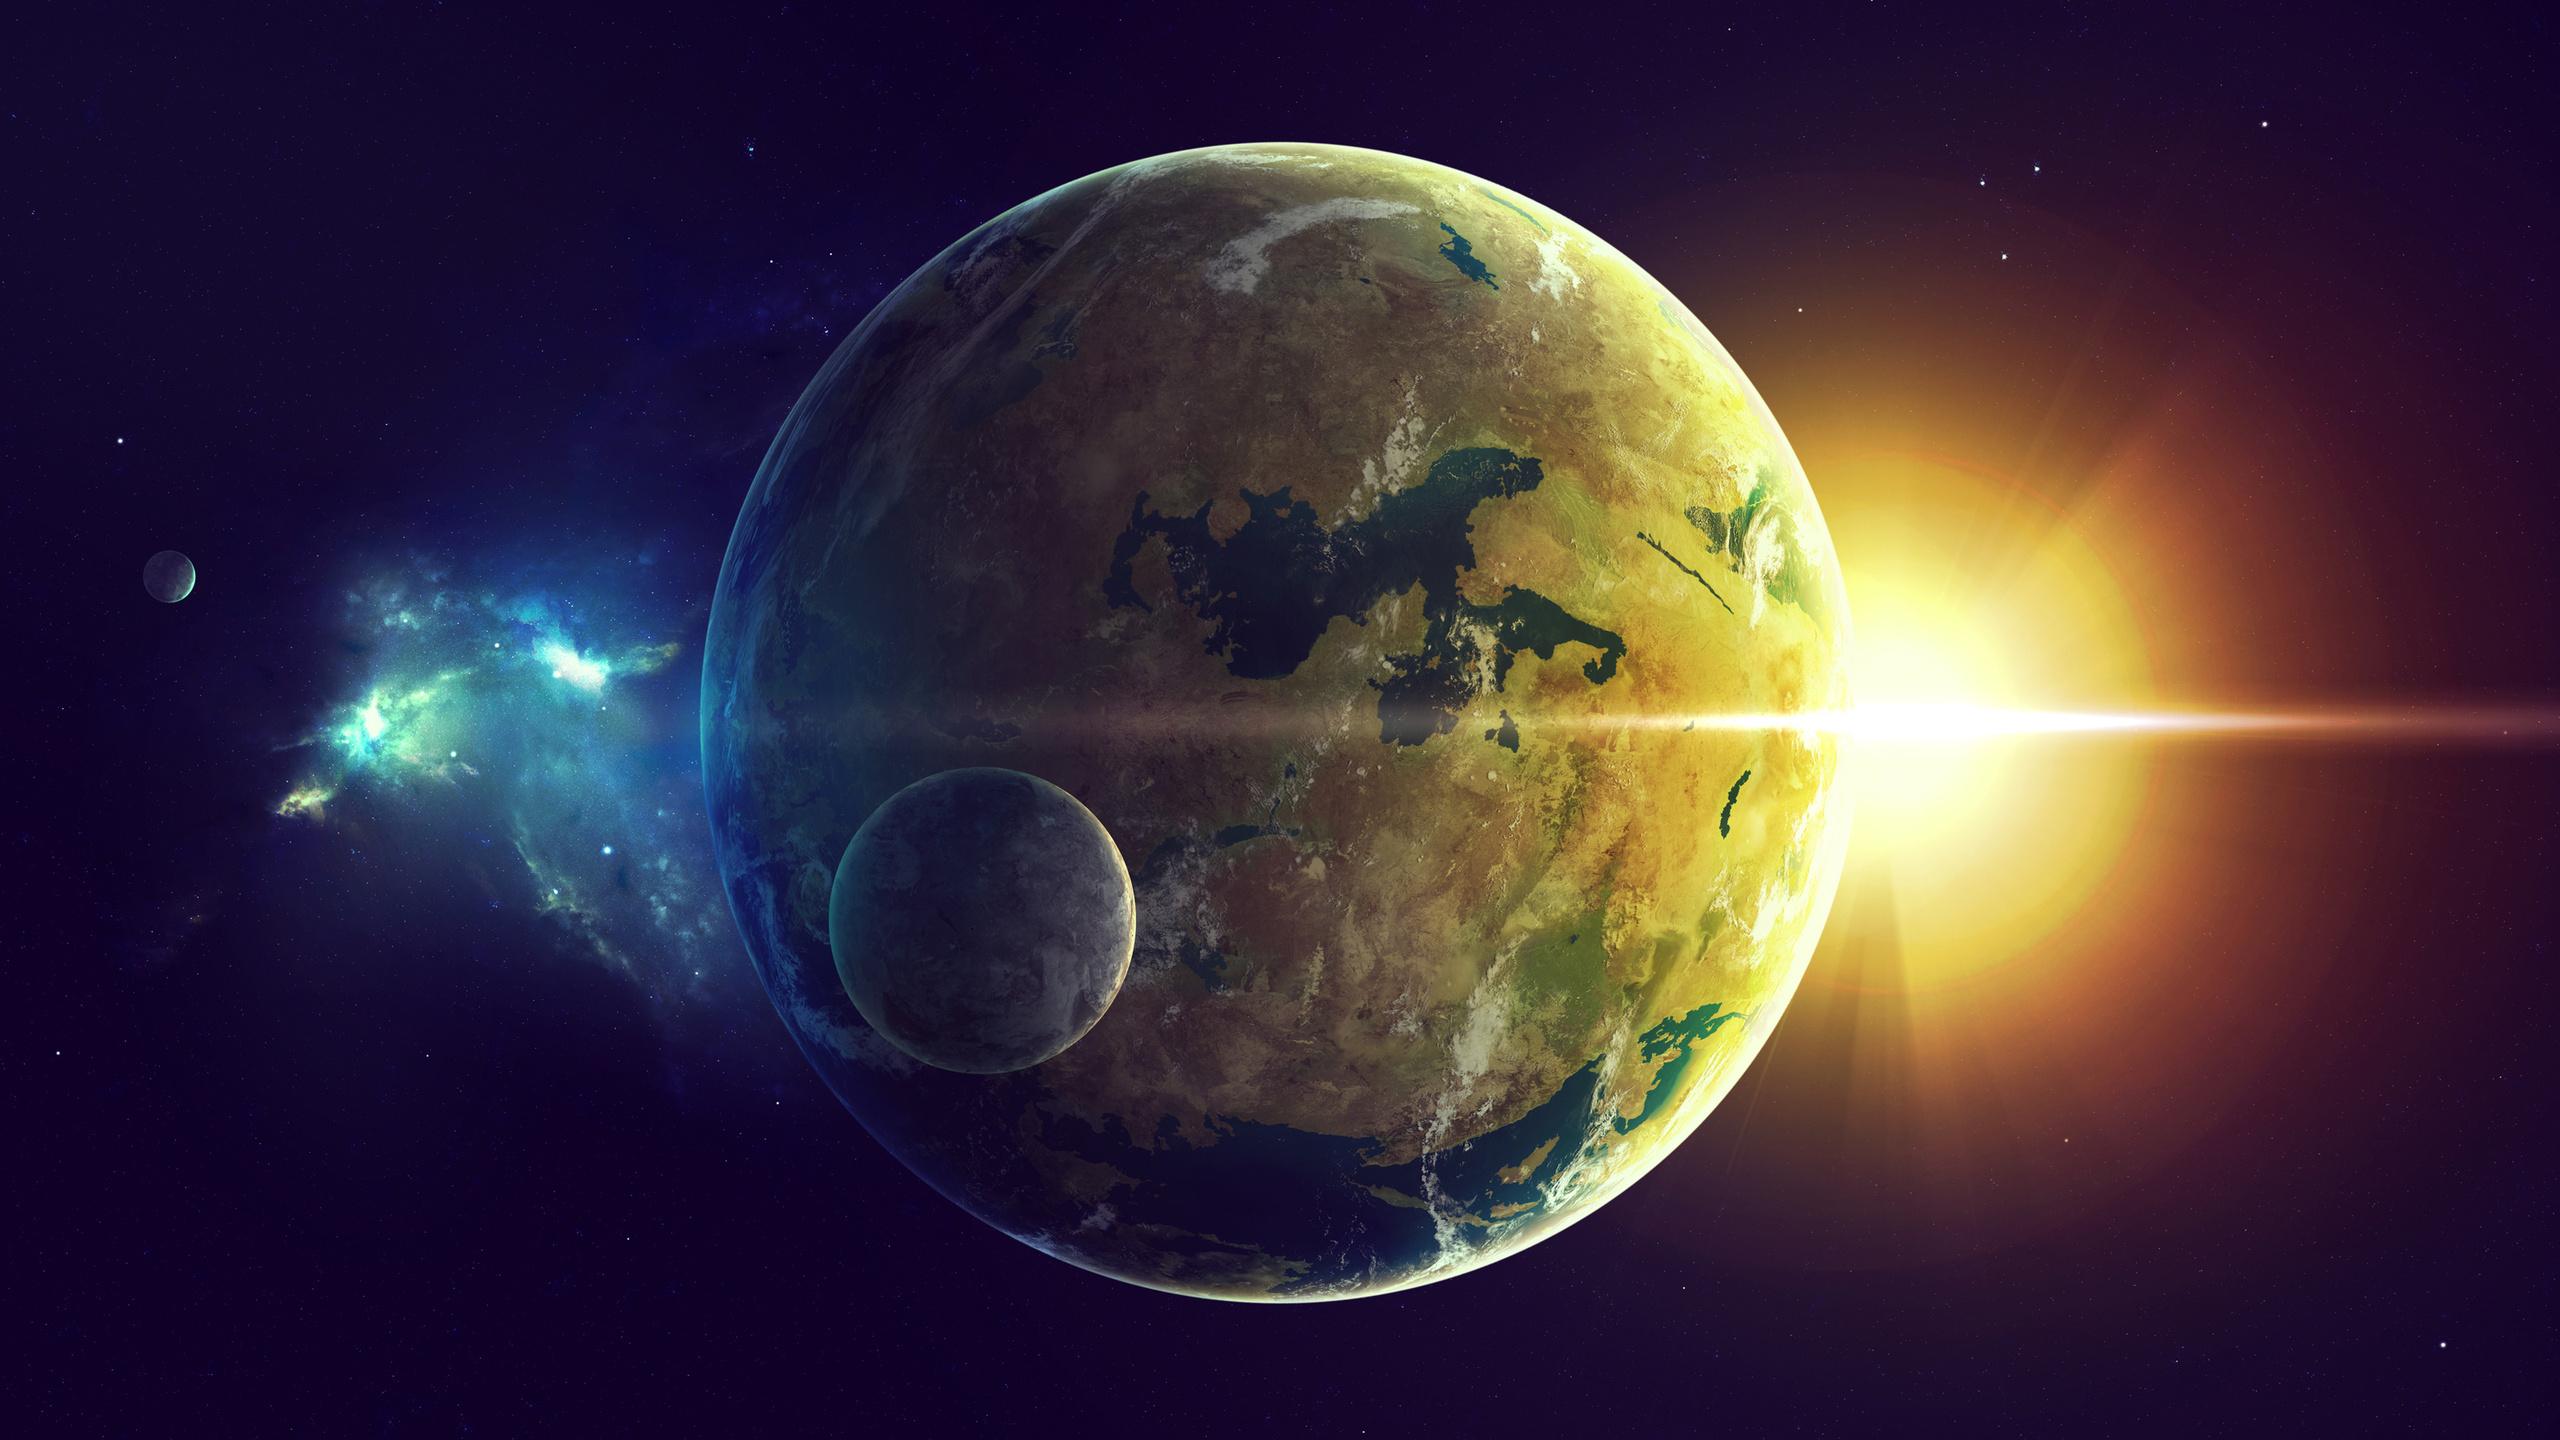 Земля, луна и солнце, обои на телефон галактика космос, 2560 на 1440 пикселей